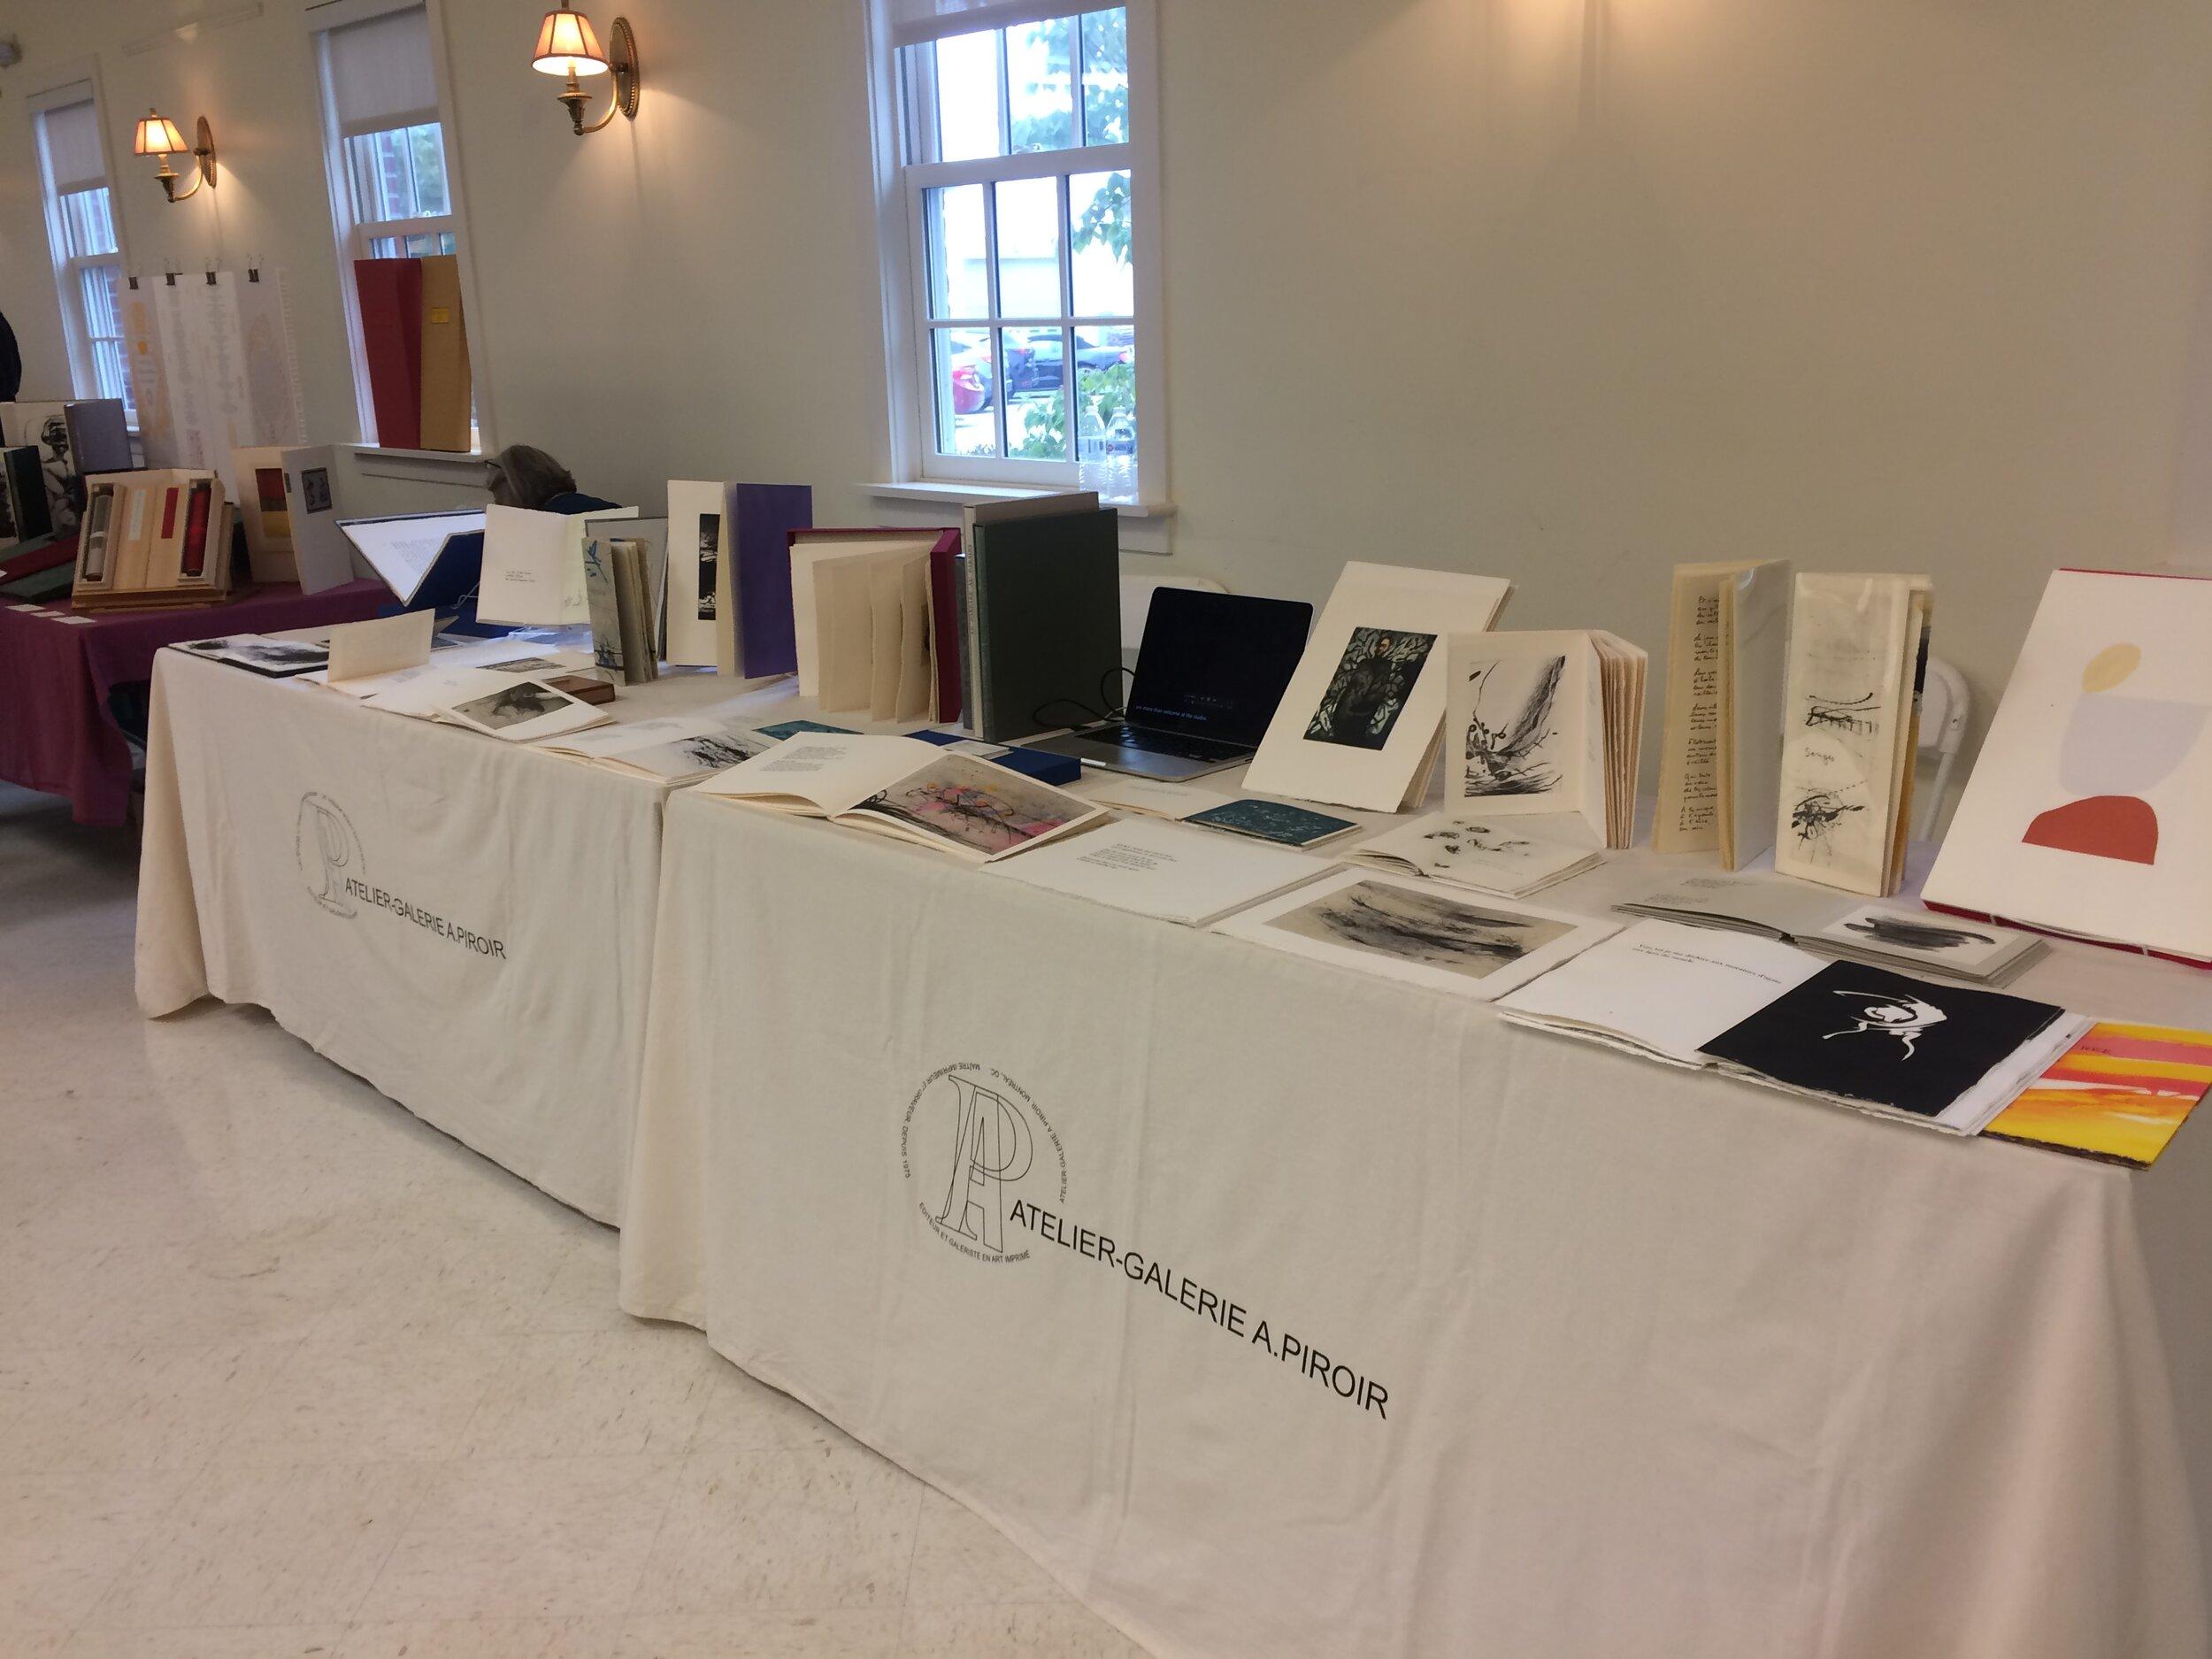 Tables de l'atelier-Galerie A. Piroir, site web l'organisateur -